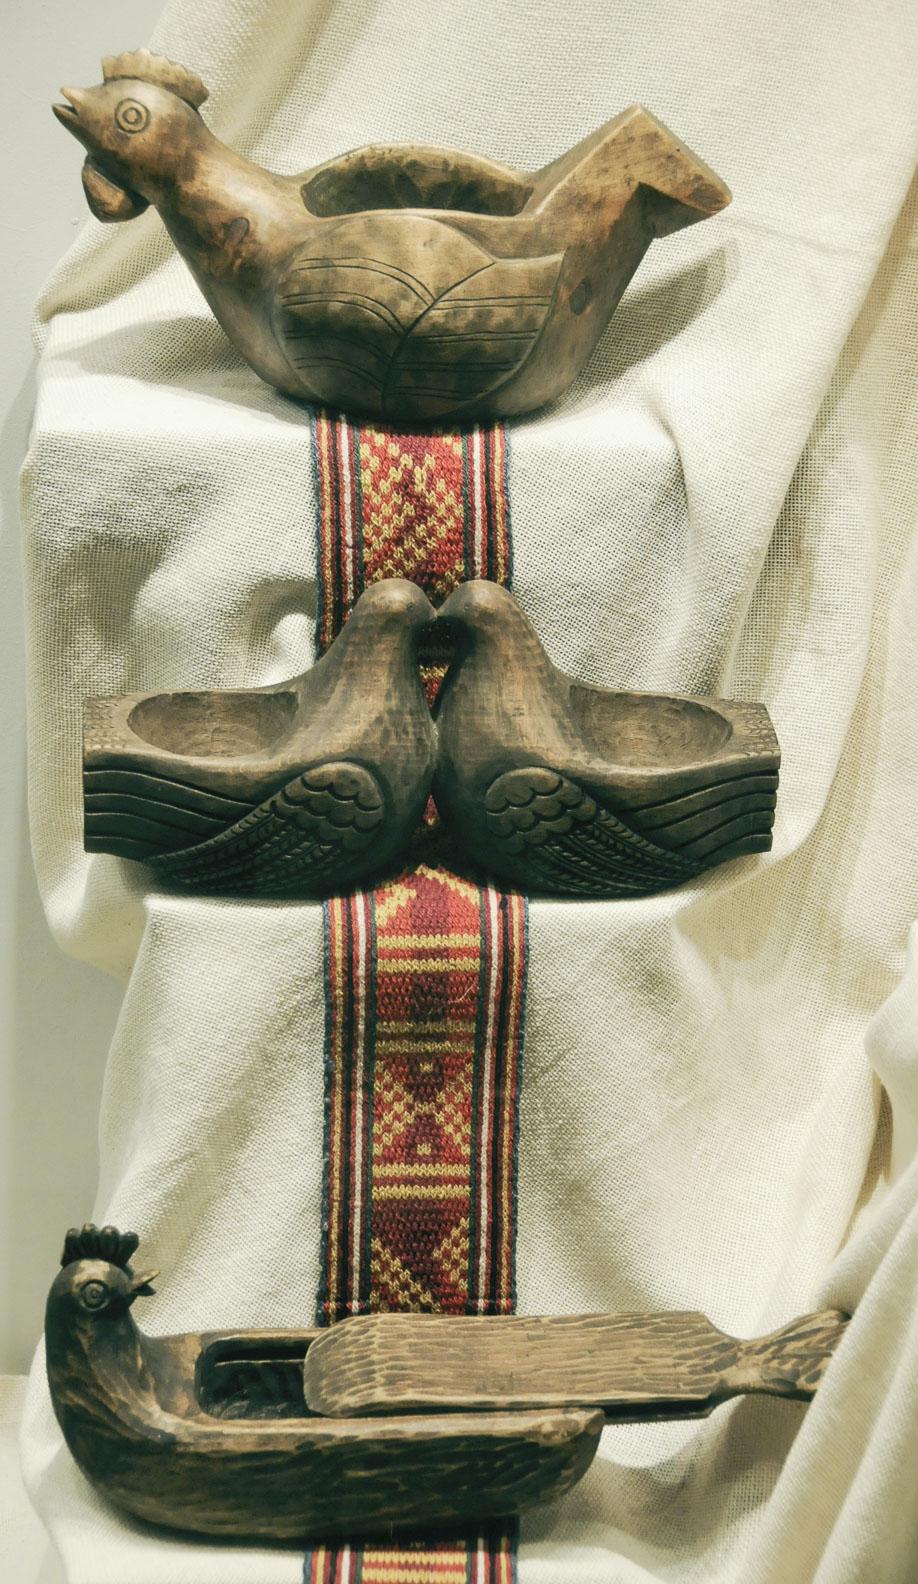 troyan-museum-kak-ojivqva-dyrvoto-2